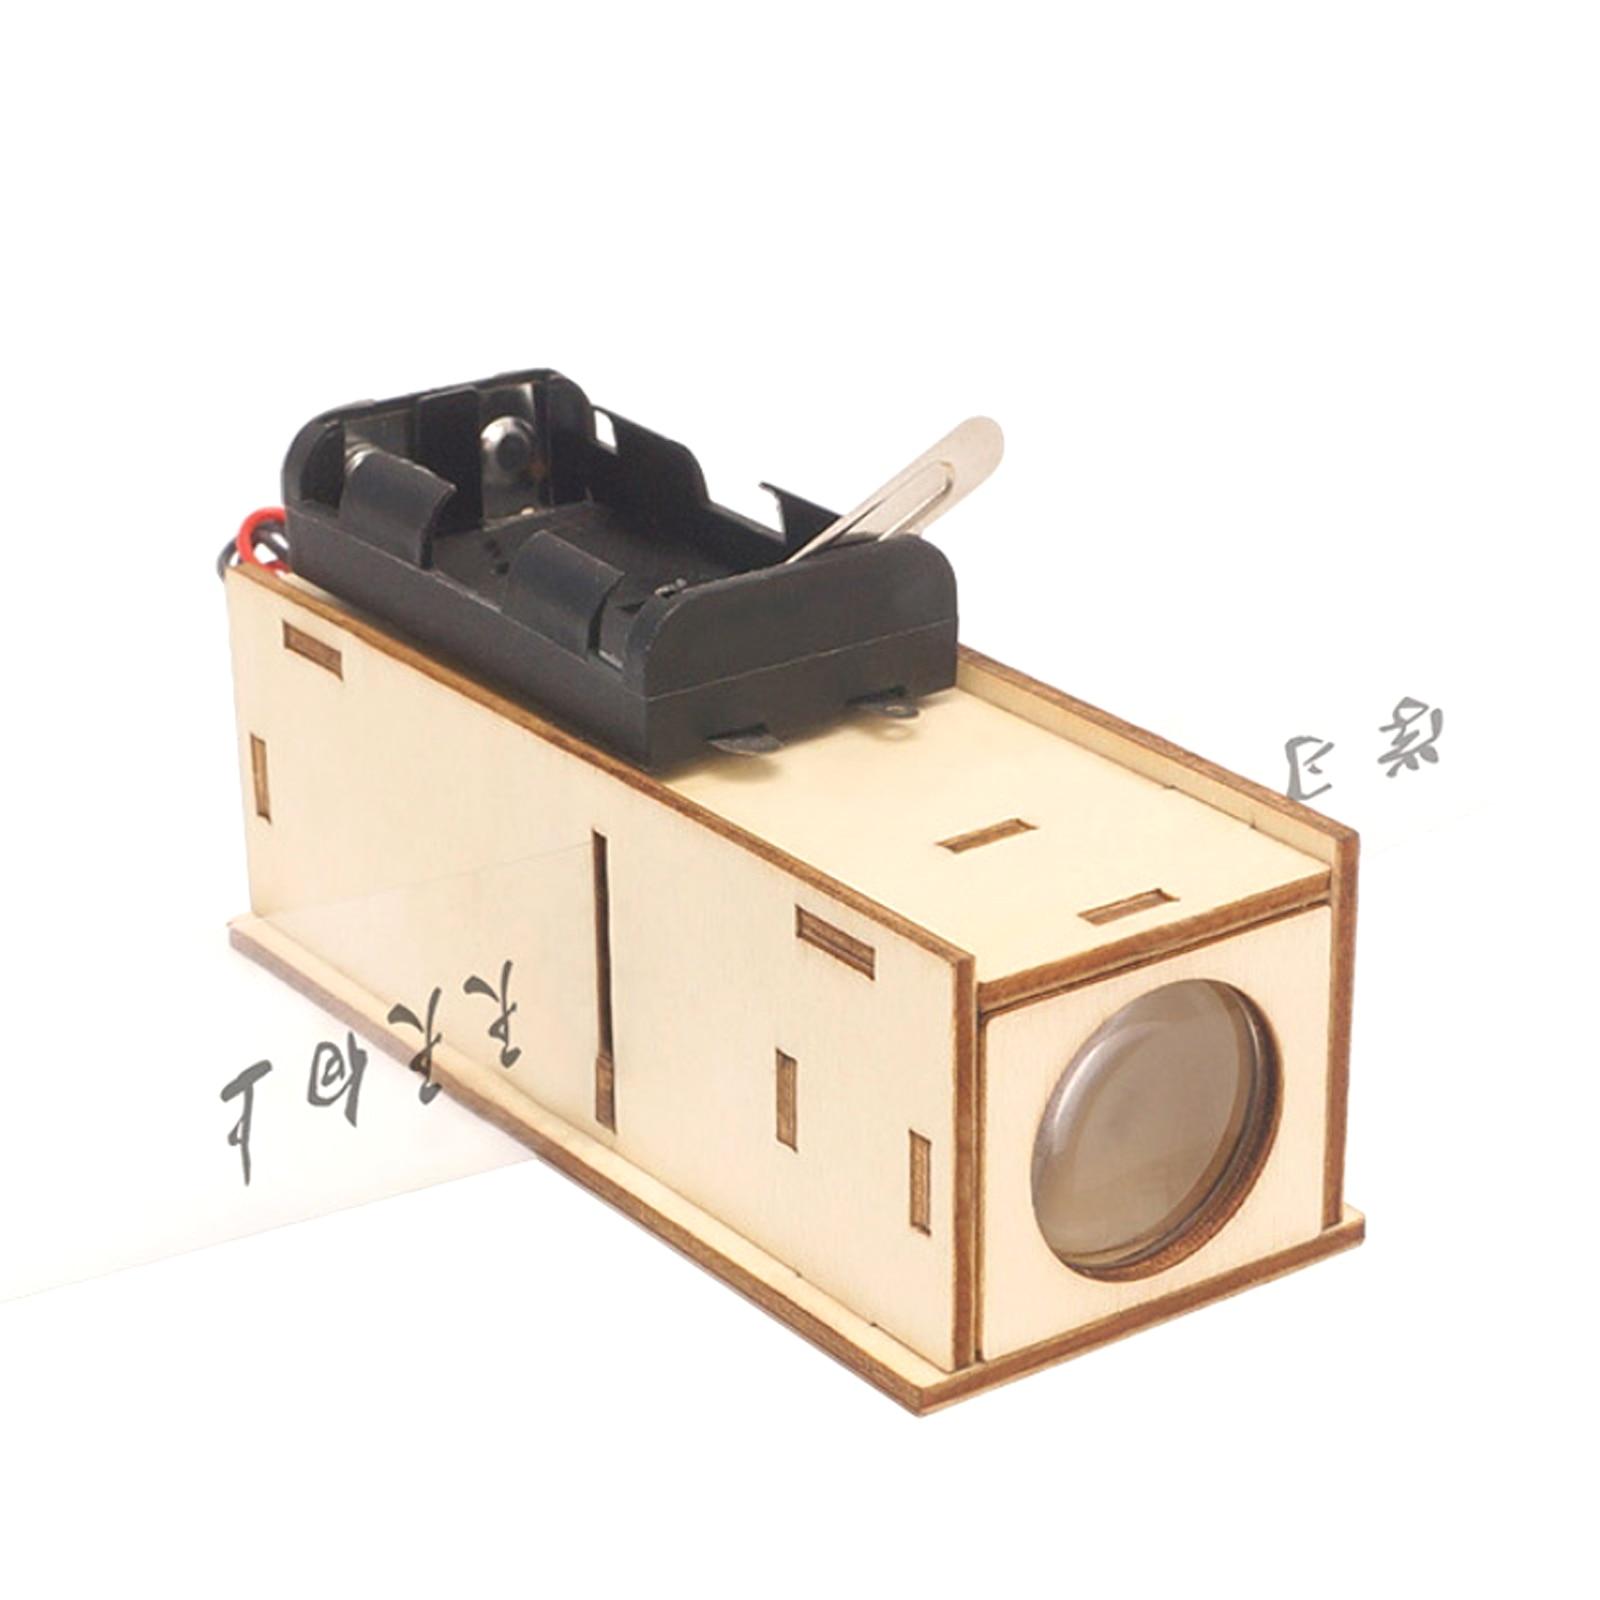 DIY видеопроектор модельная лампа ручной работы материалы научно-исследовательских игрушки для экспериментов